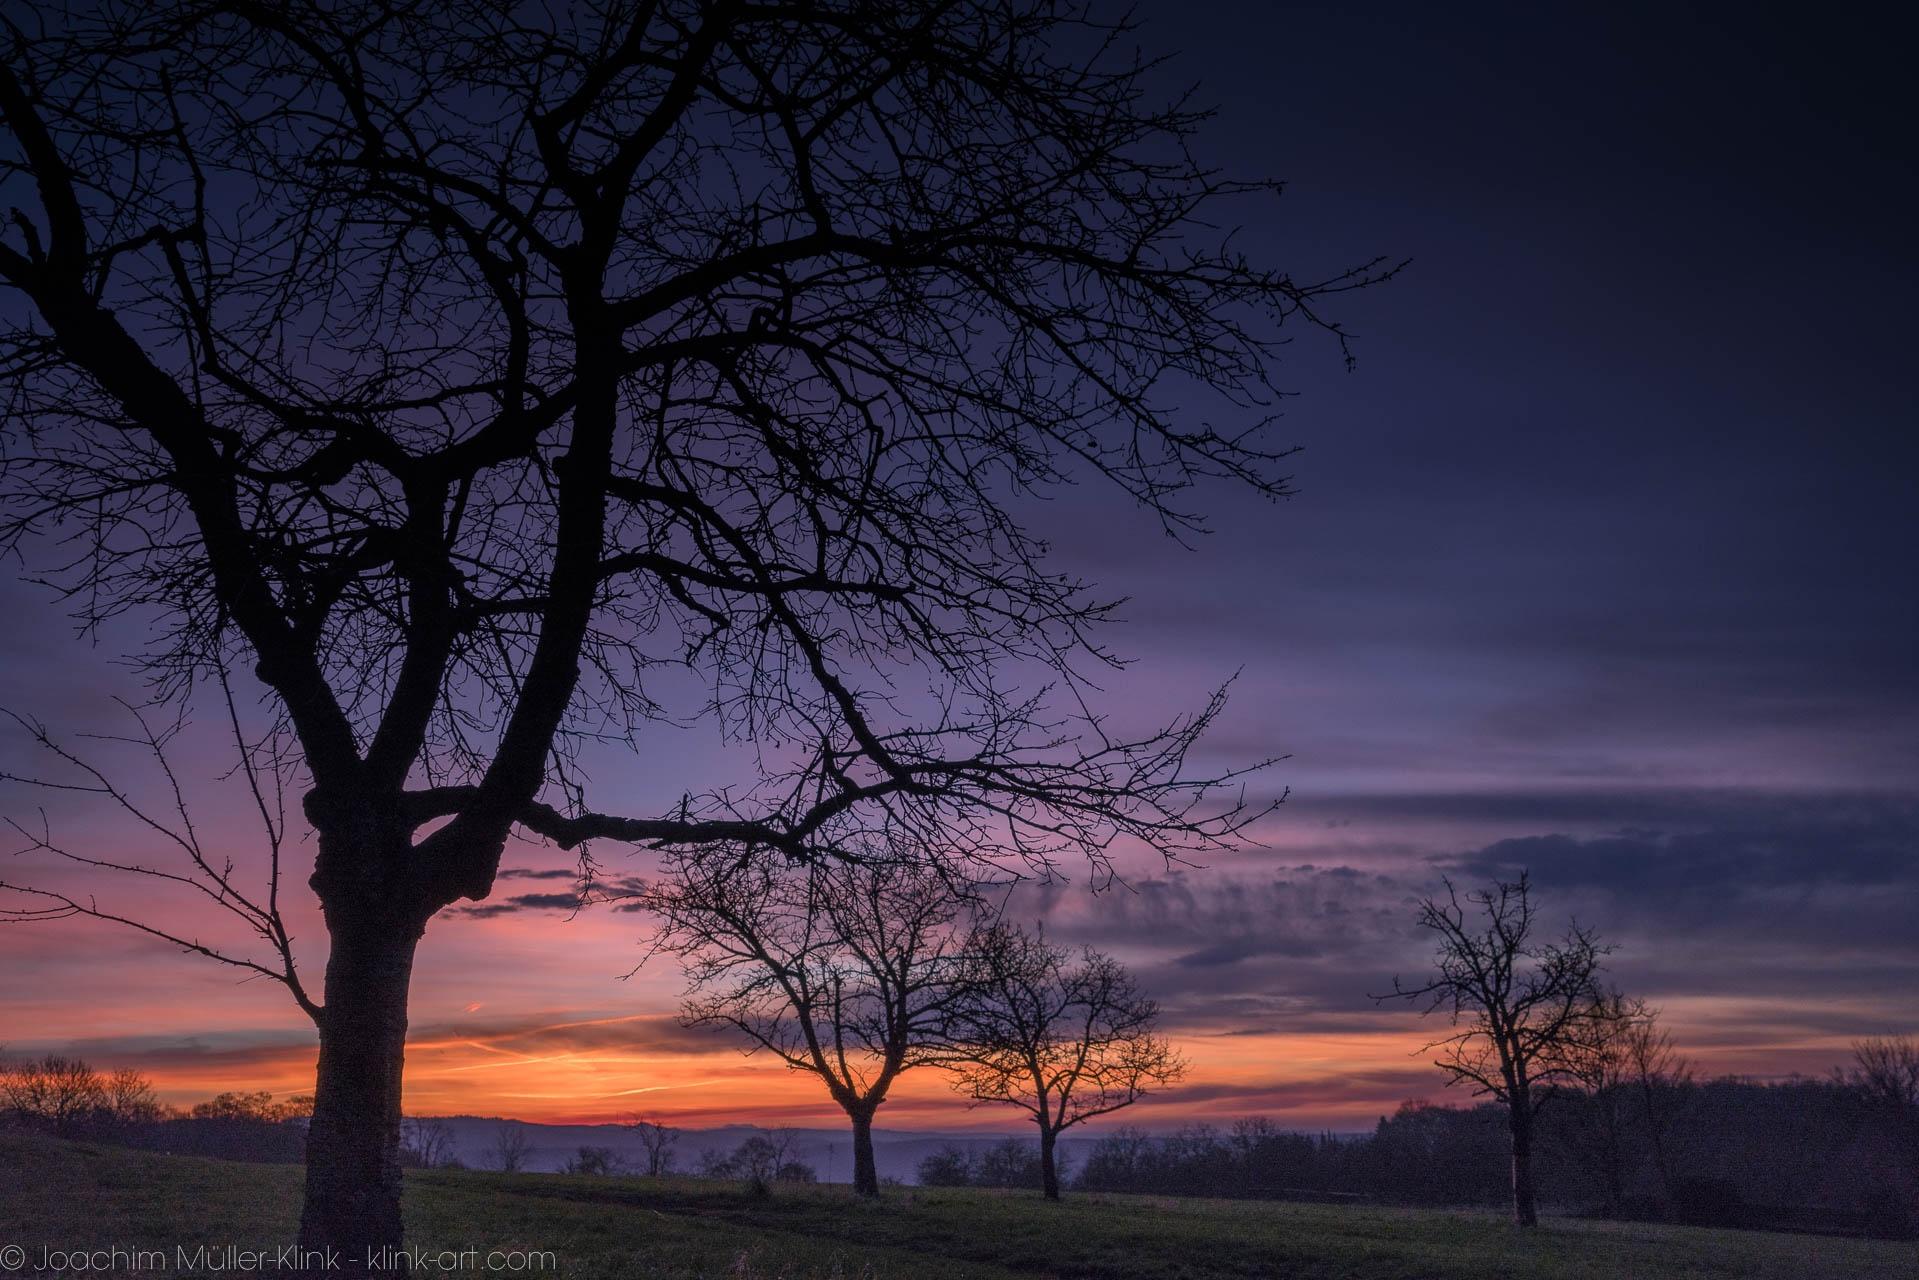 Rodderberg im Morgenlicht - Rodderberg in the morning light